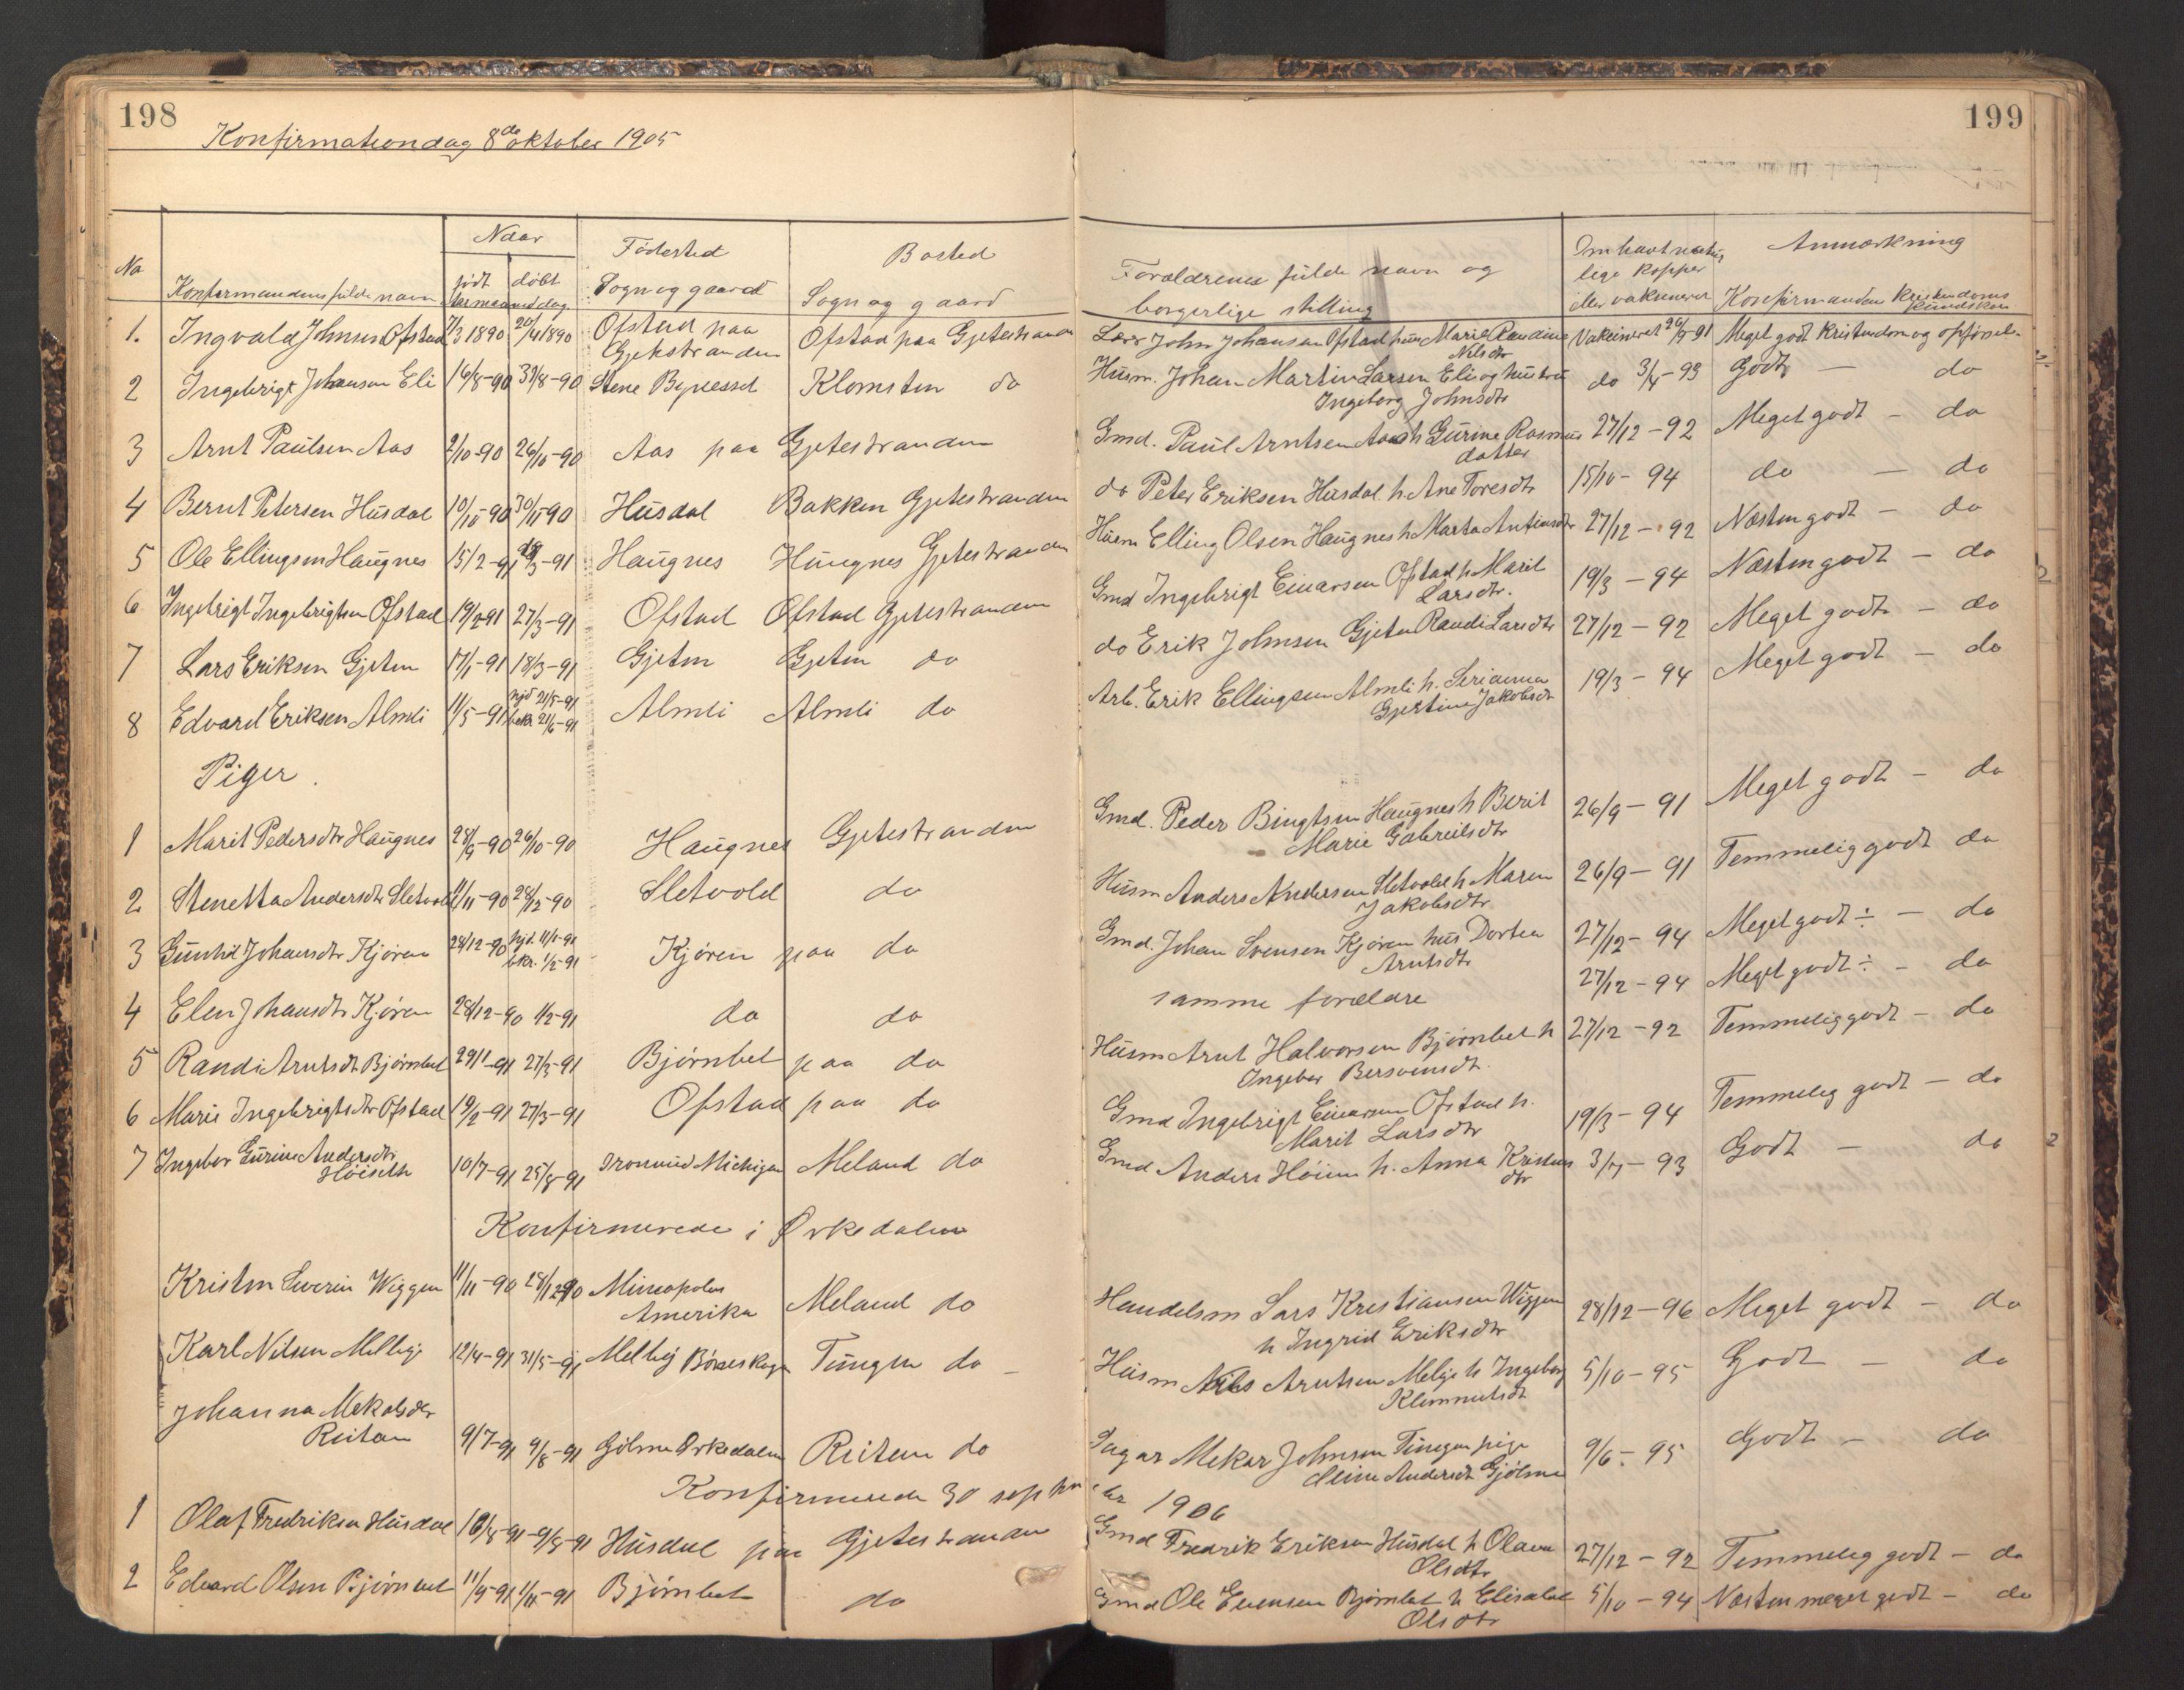 SAT, Ministerialprotokoller, klokkerbøker og fødselsregistre - Sør-Trøndelag, 670/L0837: Klokkerbok nr. 670C01, 1905-1946, s. 198-199